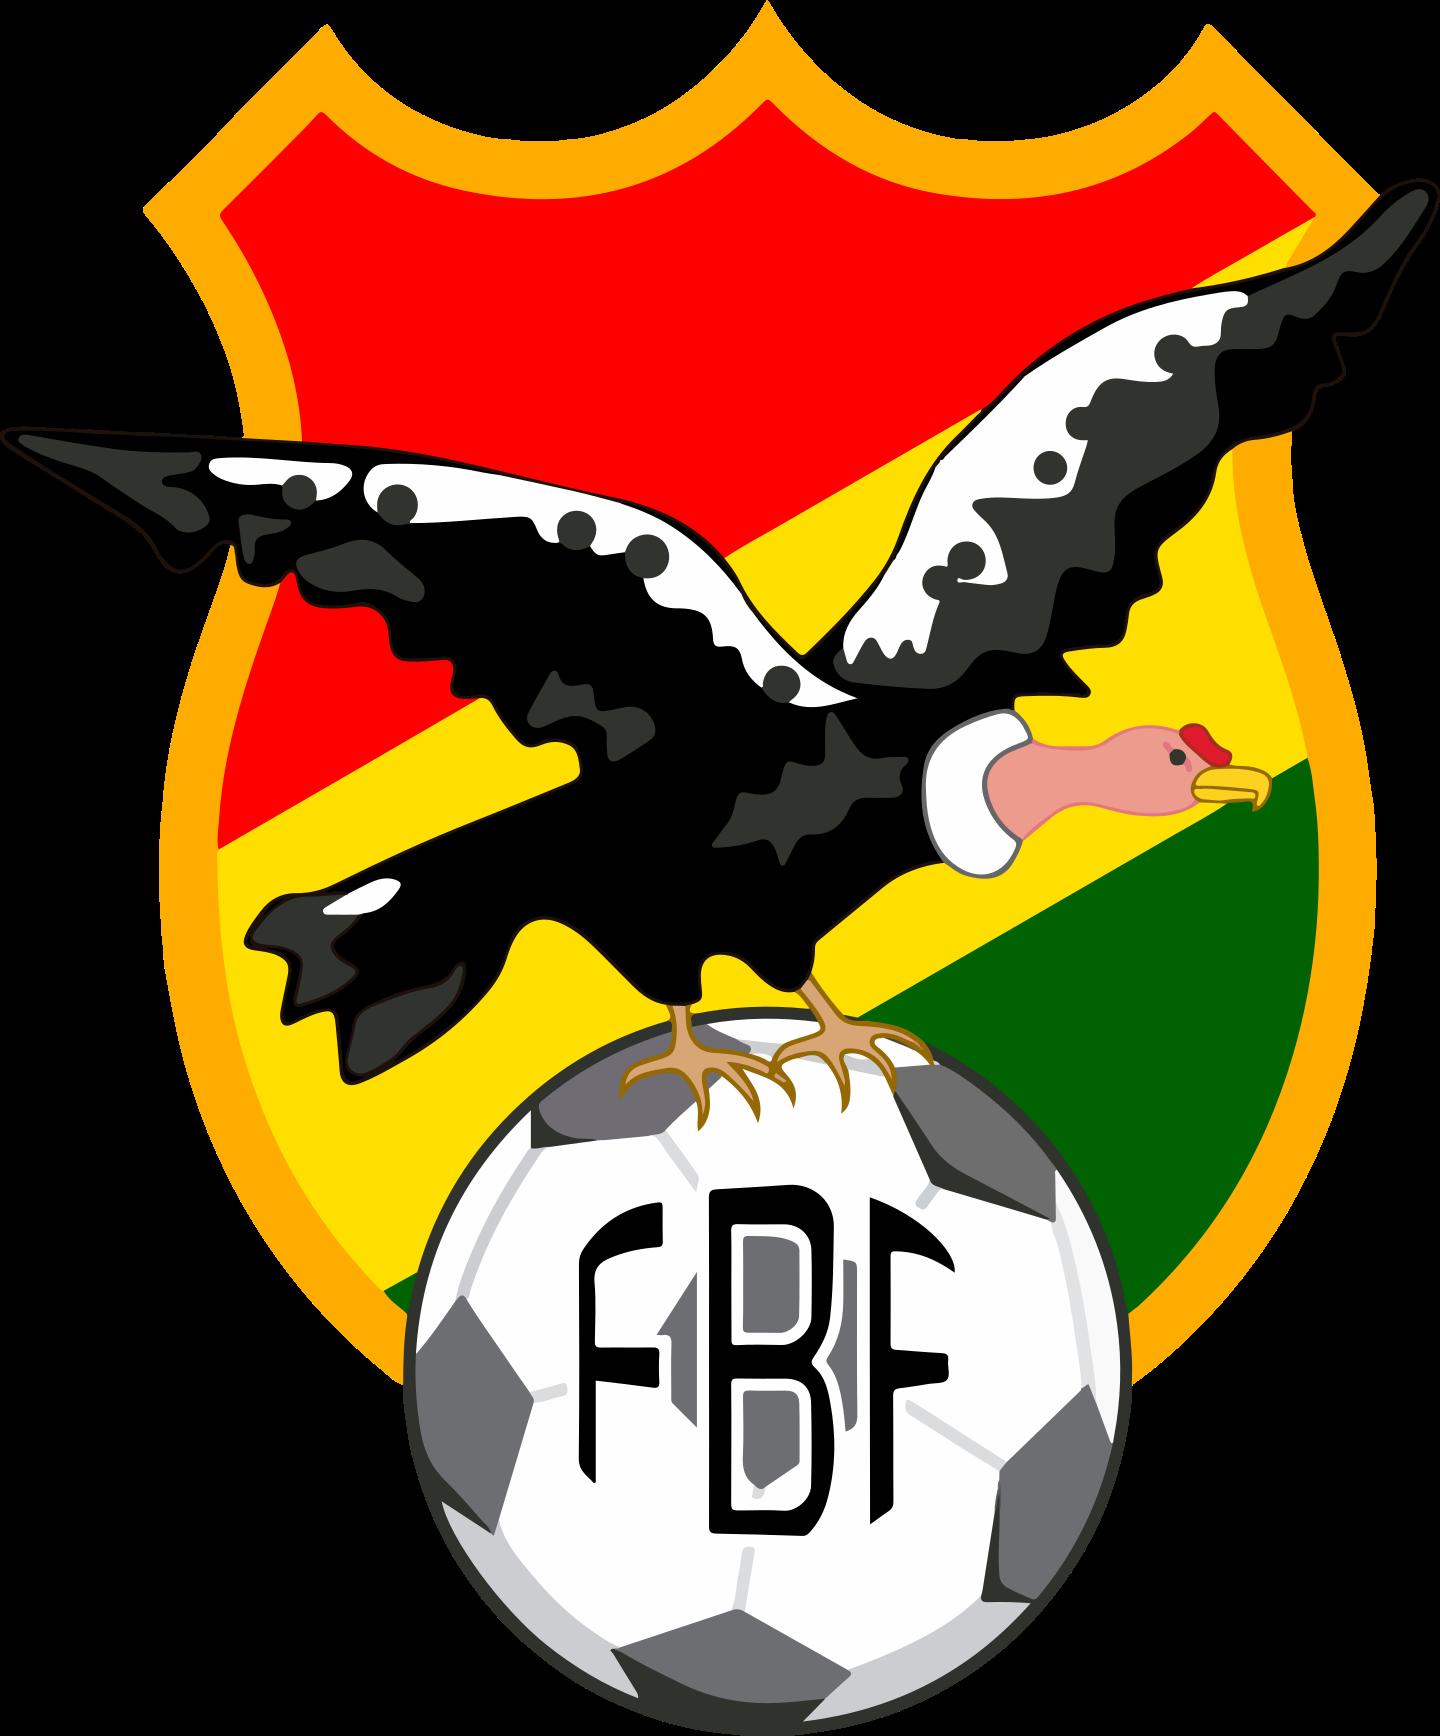 fbf selección de futbol de bolivia logo 2 - FBF Logo - Bolivia National Football Team Logo